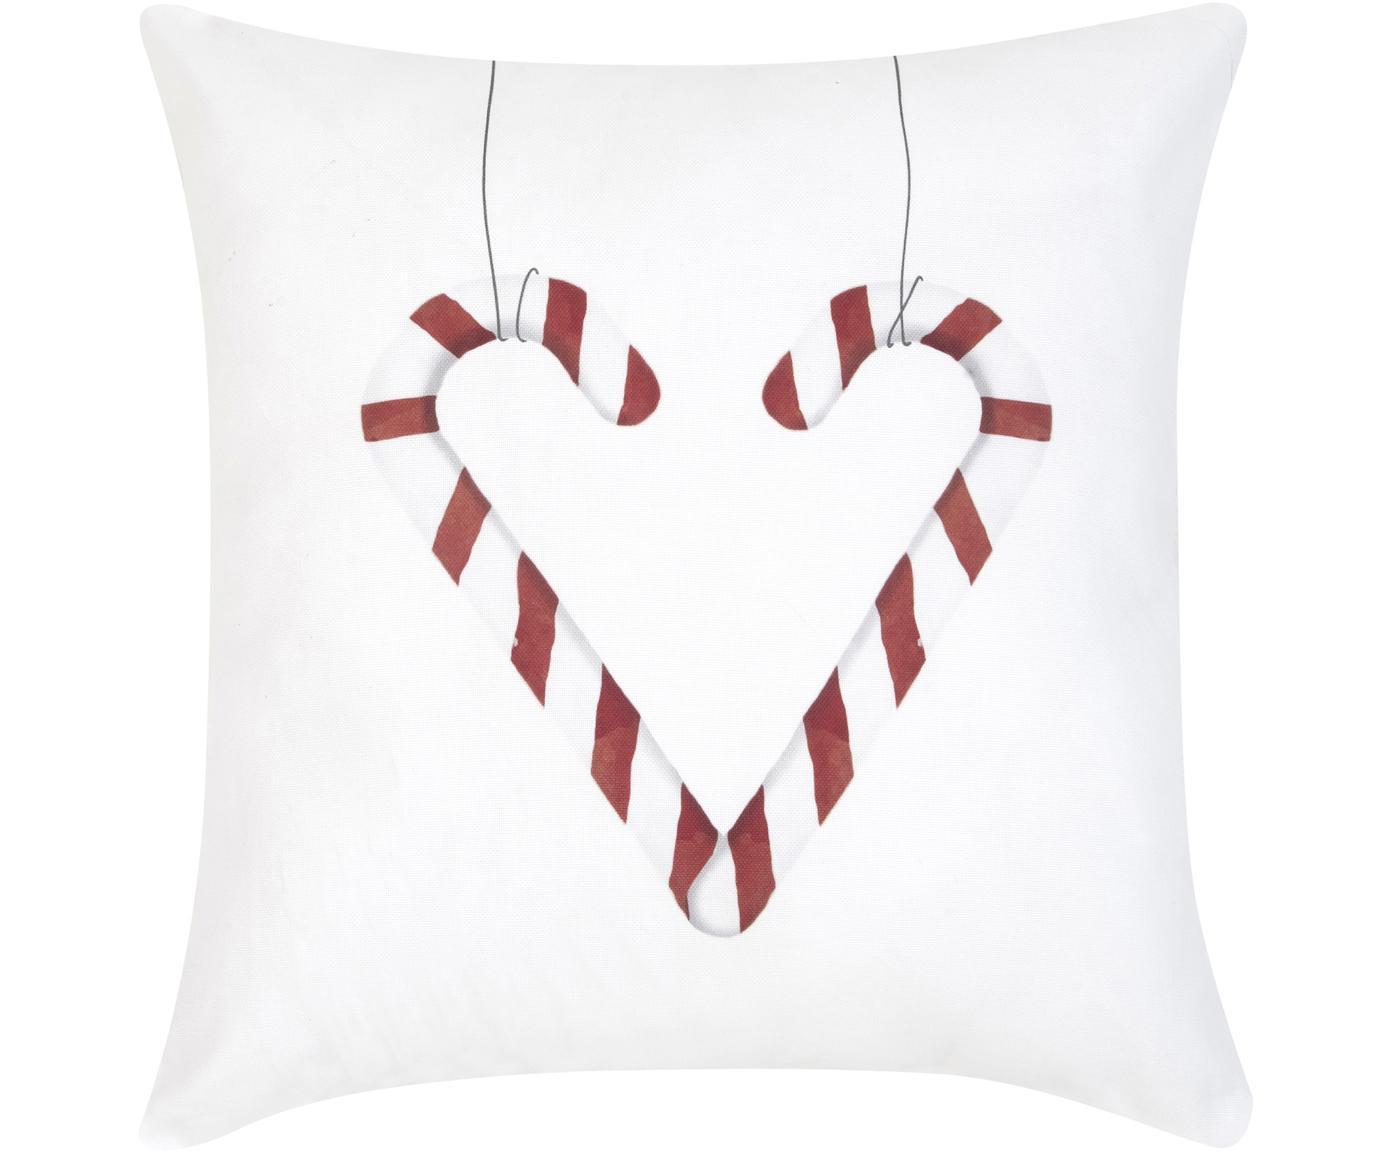 Kussenhoes Cupid met hart van zuurstok, Katoen, Rood, zwart, wit, 40 x 40 cm